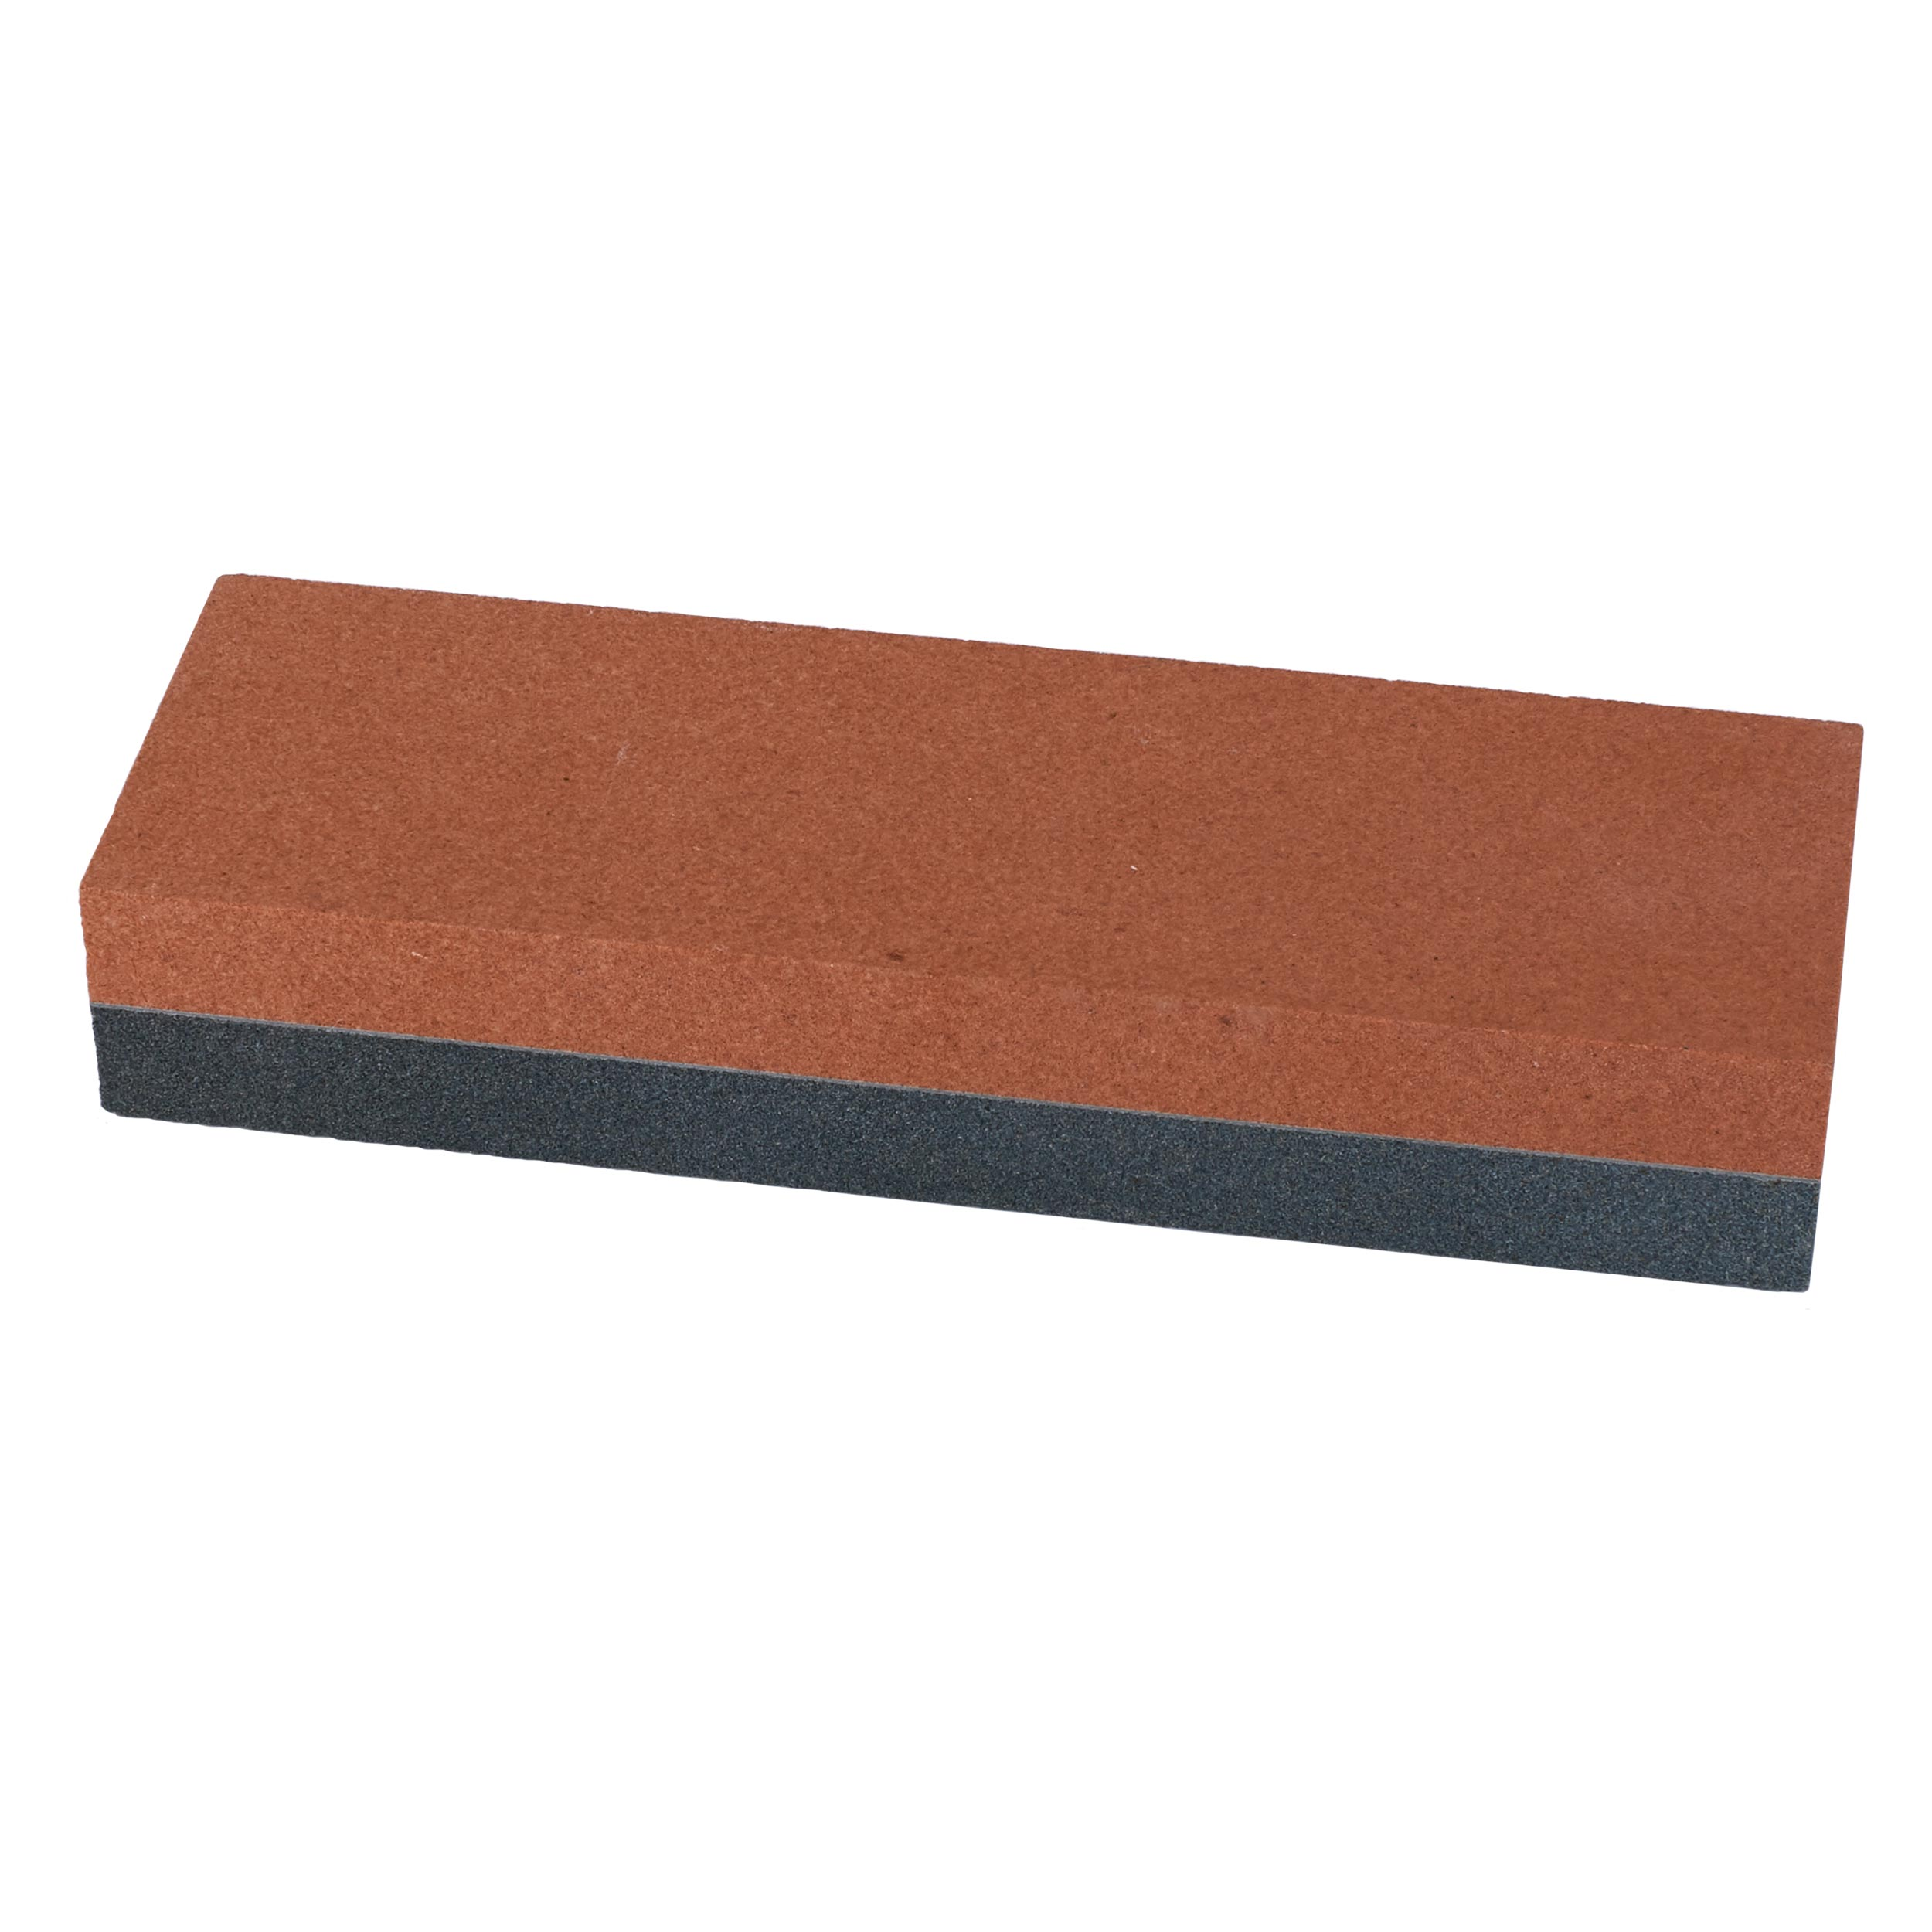 6x2x1? Fine/Coarse Combination Oilstone